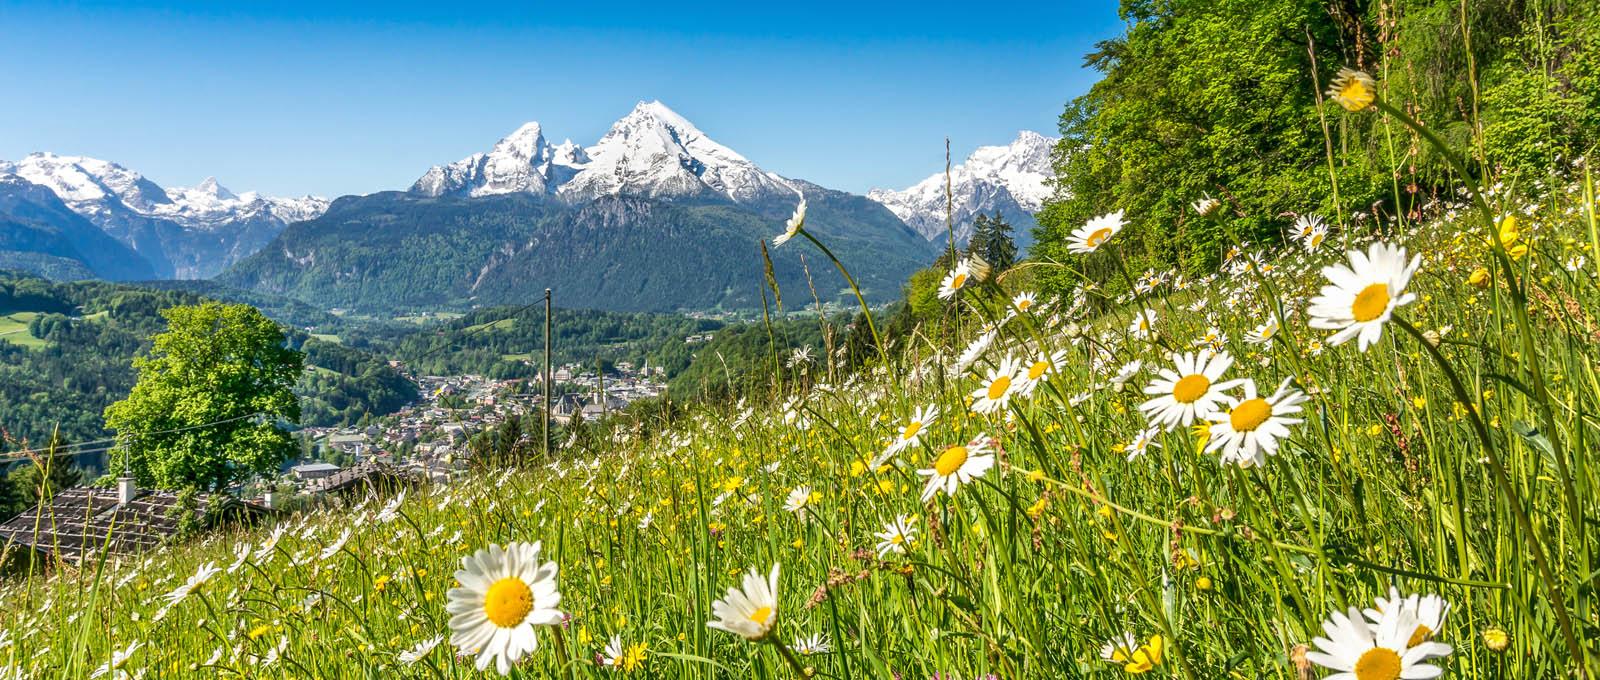 Plánujete dovolenou v Rakouských Alpách? Pozor na ekologické zóny na dálnici a na rychlostní limity.